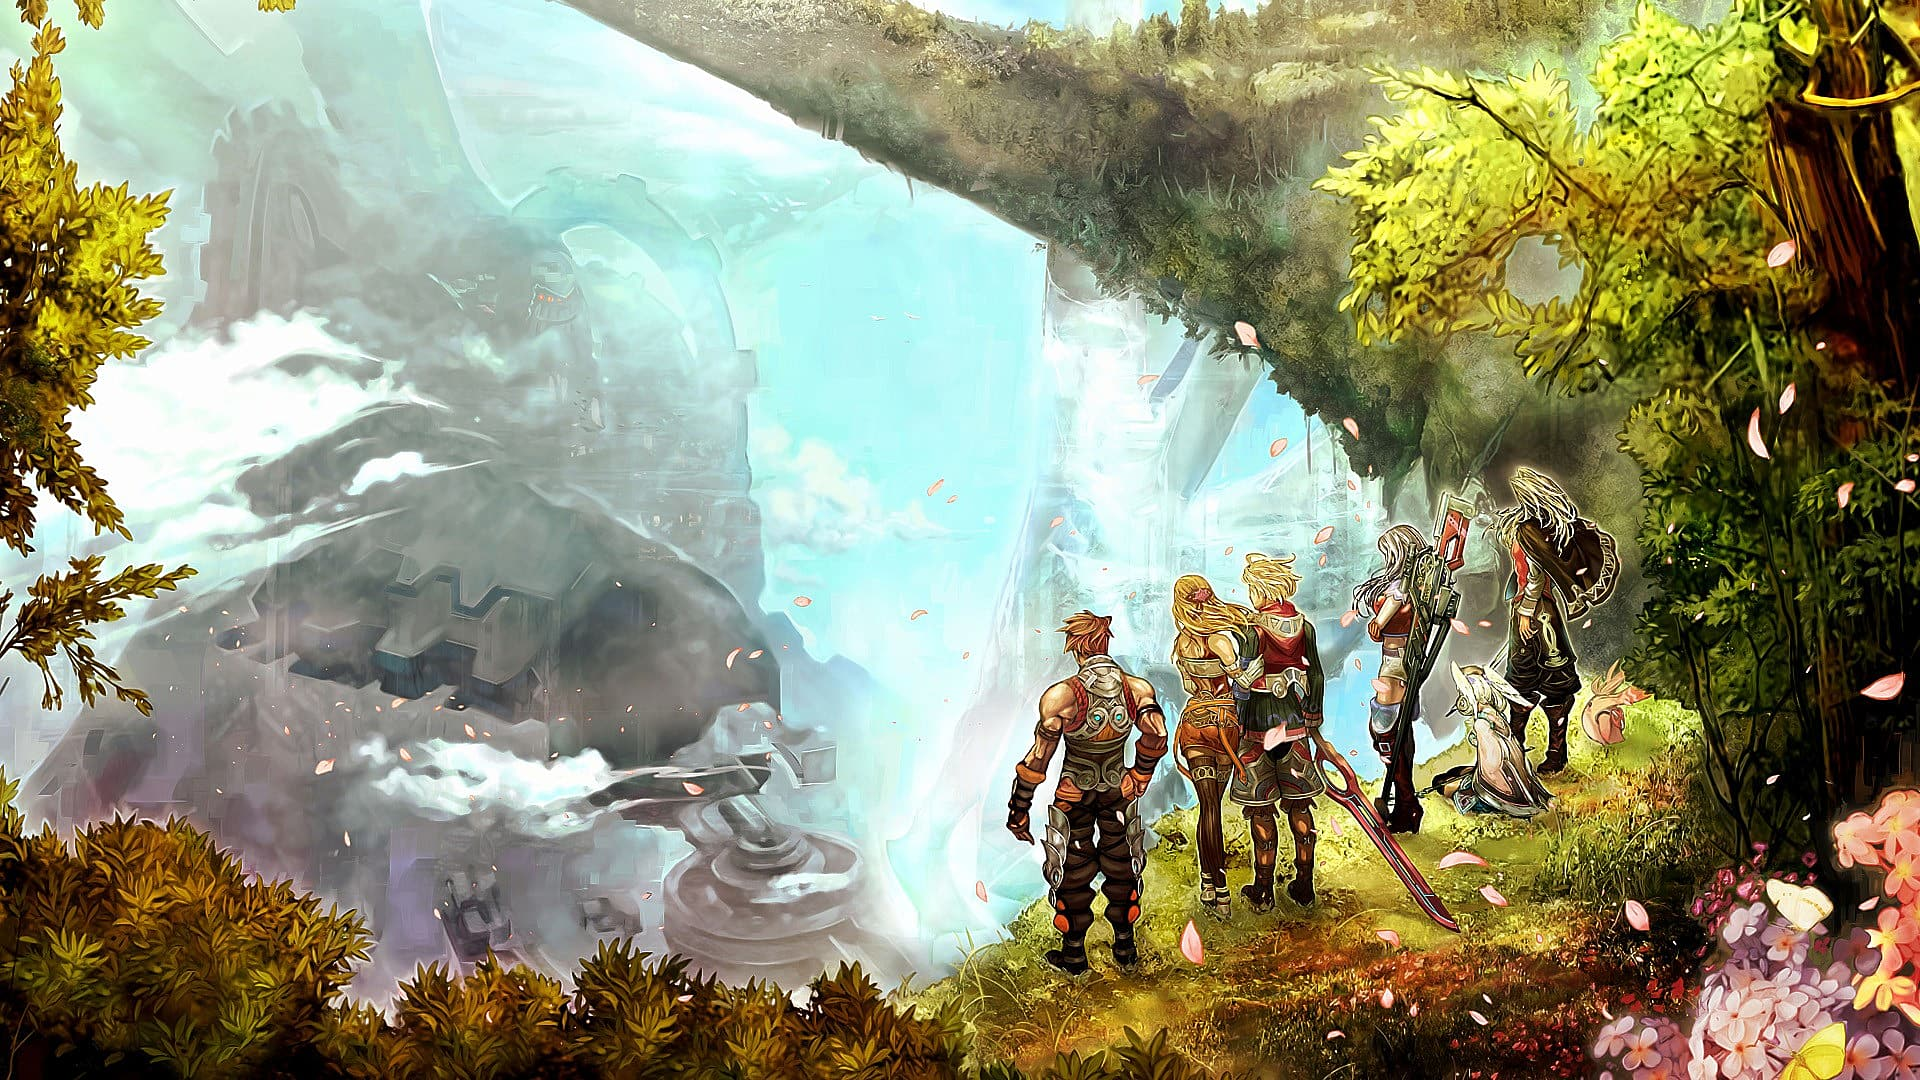 5 Jrpgs That Should Get The Final Fantasy Tactics Treatment